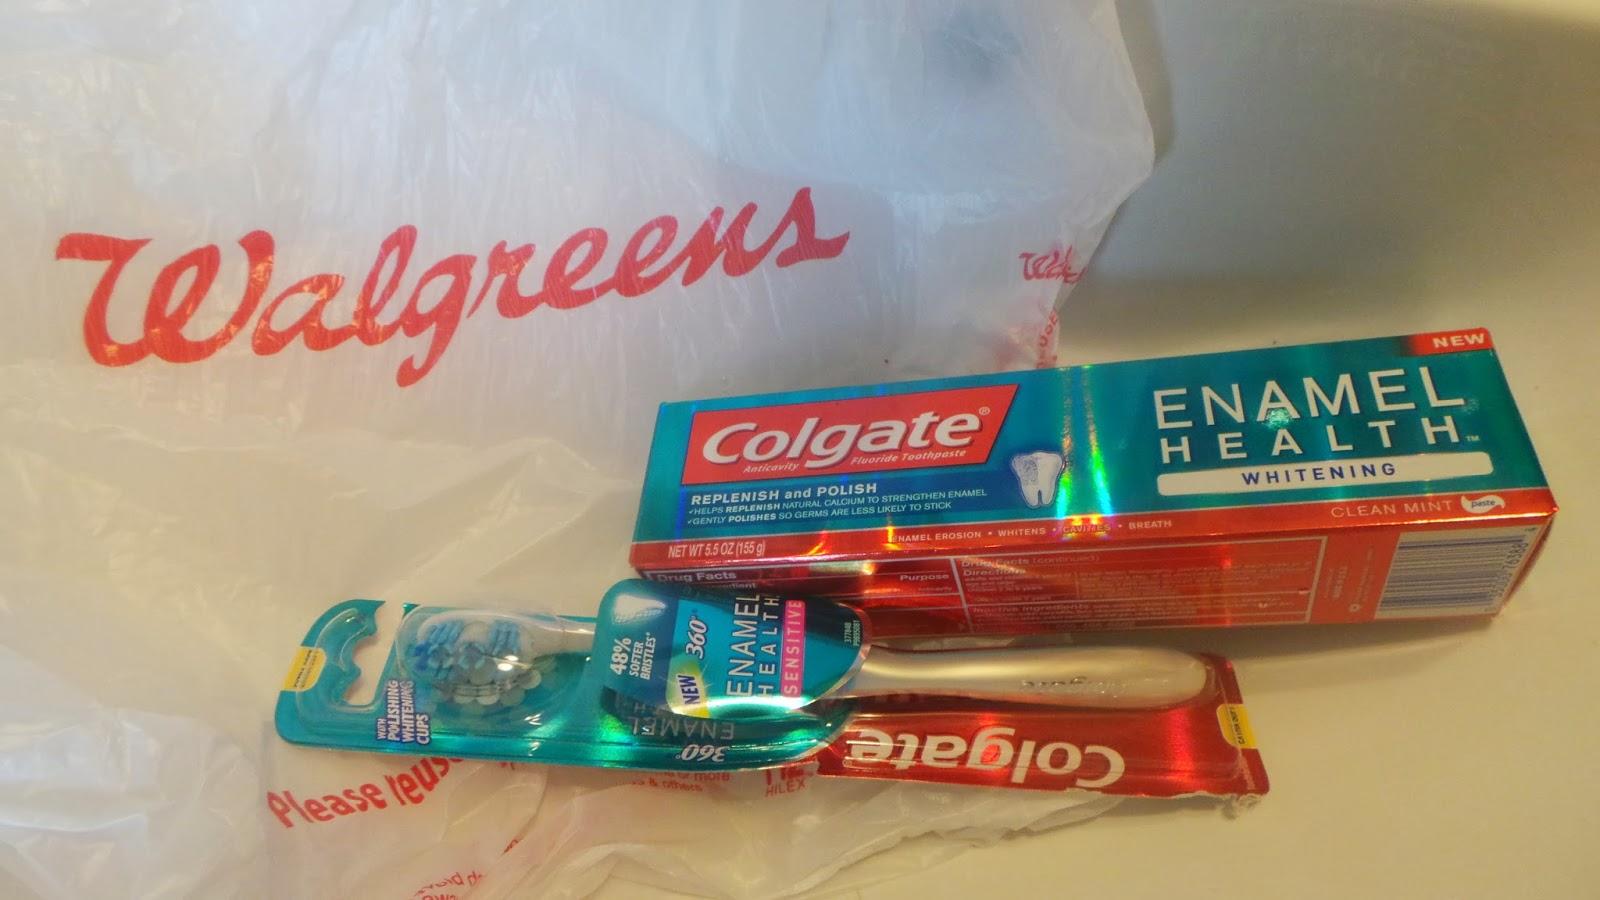 walgreens saturdate colgate enamel health toothpaste #colgateenamelhealth